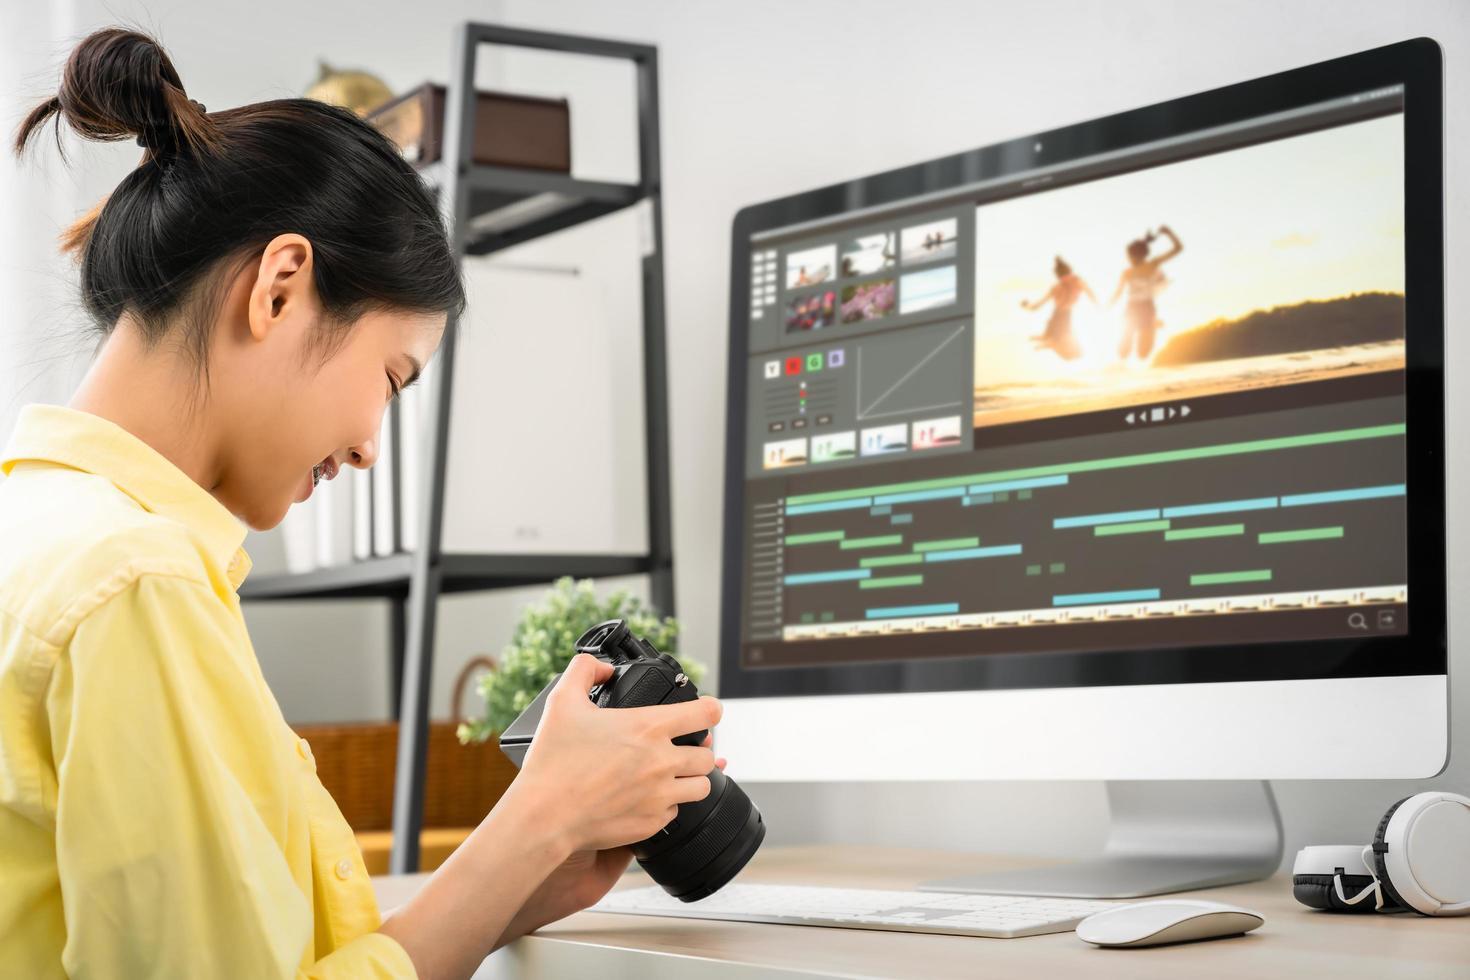 femme tenant une caméra et en utilisant une application photo